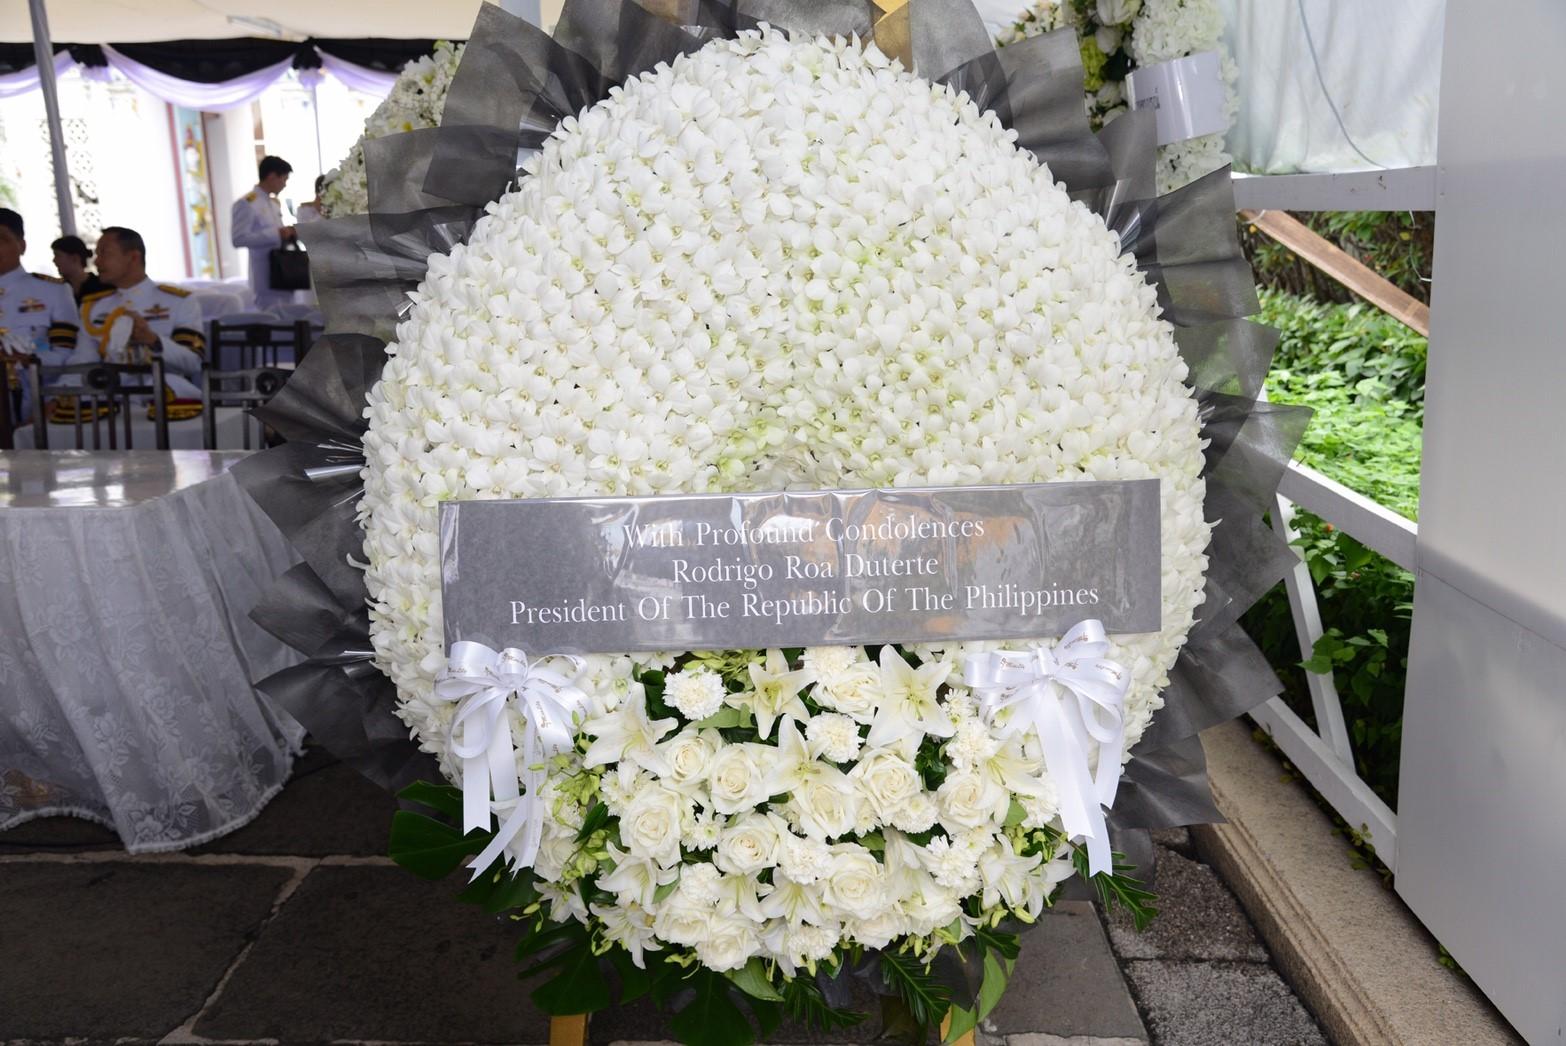 ดูเตอร์เต ปธน.ฟิลิปปินส์ เดินทางร่วมถวายสักการะพระบรมศพ